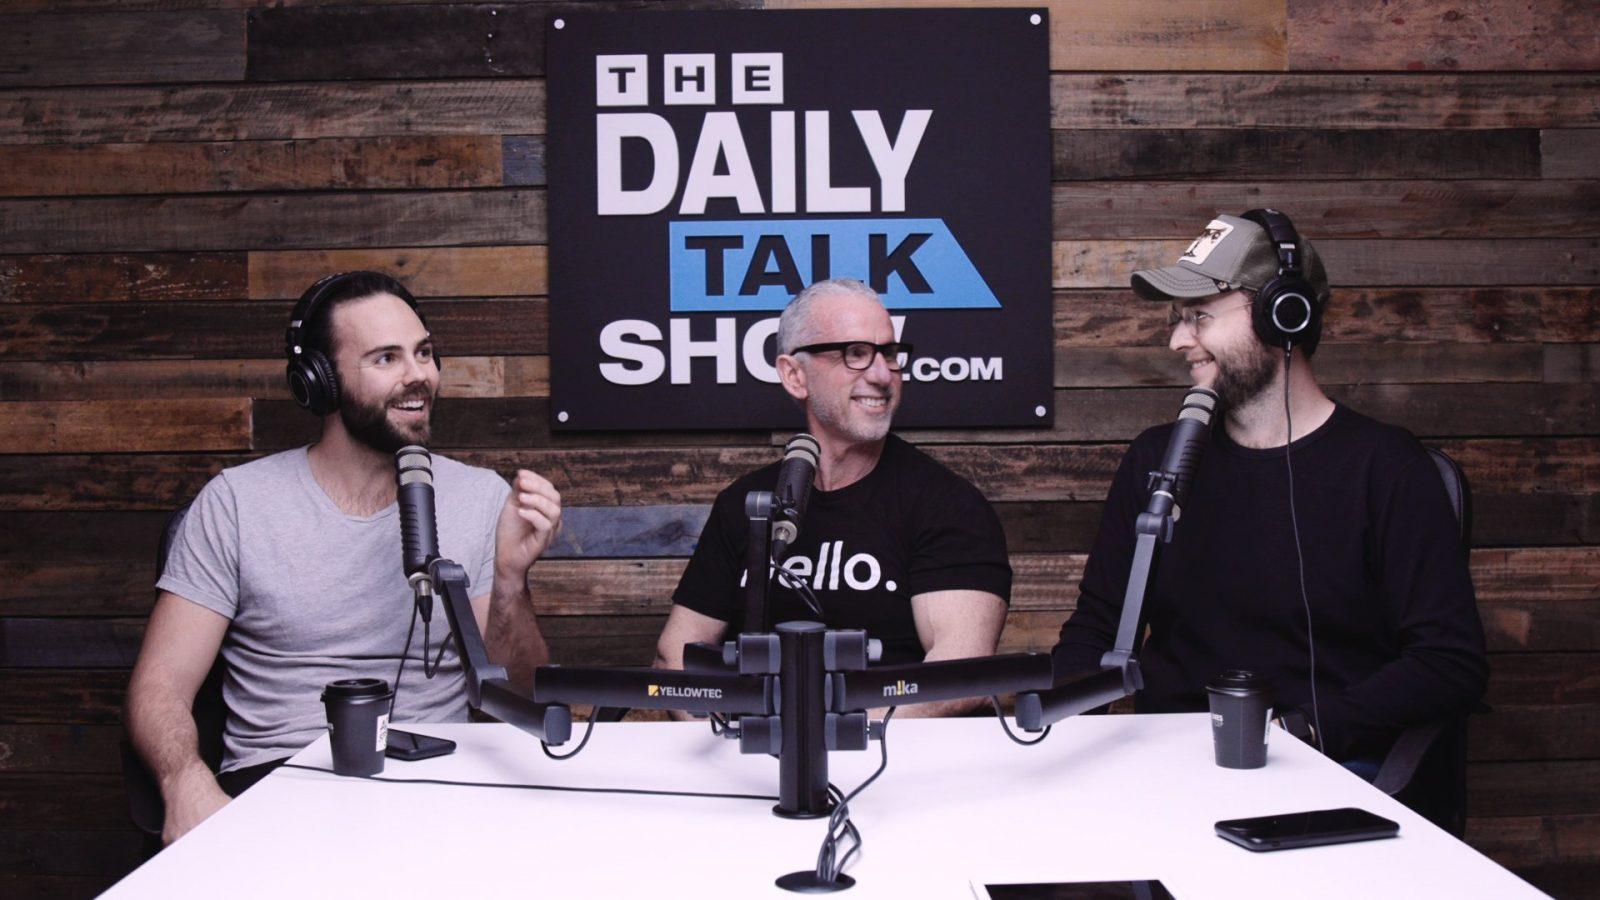 Craig-Harper-The-Daily-Talk-Show-388